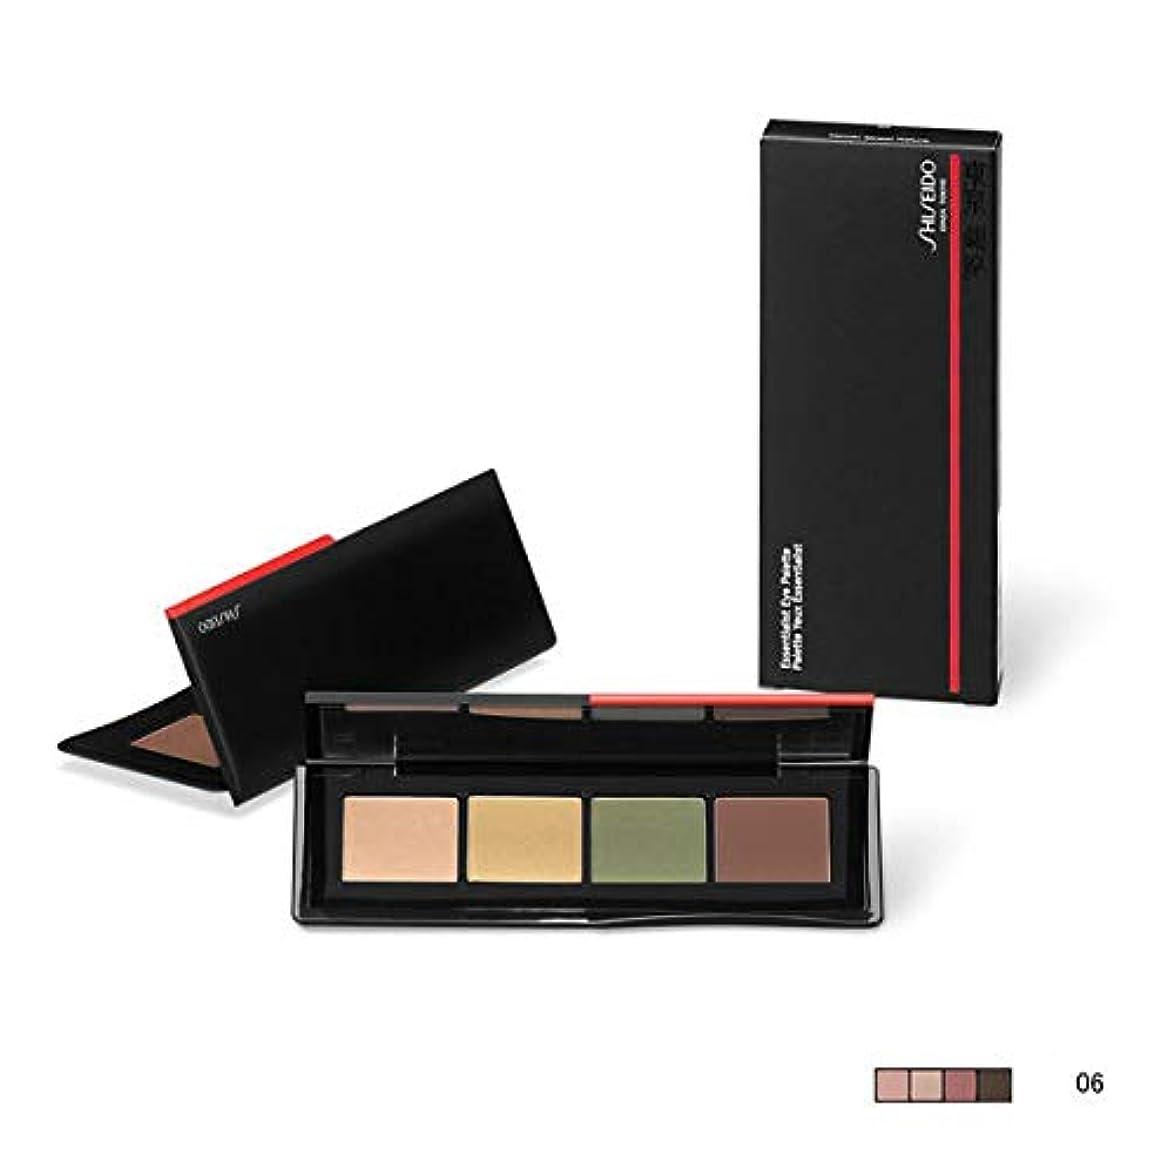 深さ延期する不運SHISEIDO Makeup(資生堂 メーキャップ) SHISEIDO(資生堂) SHISEIDO エッセンシャリスト アイパレット 5.2g (06)